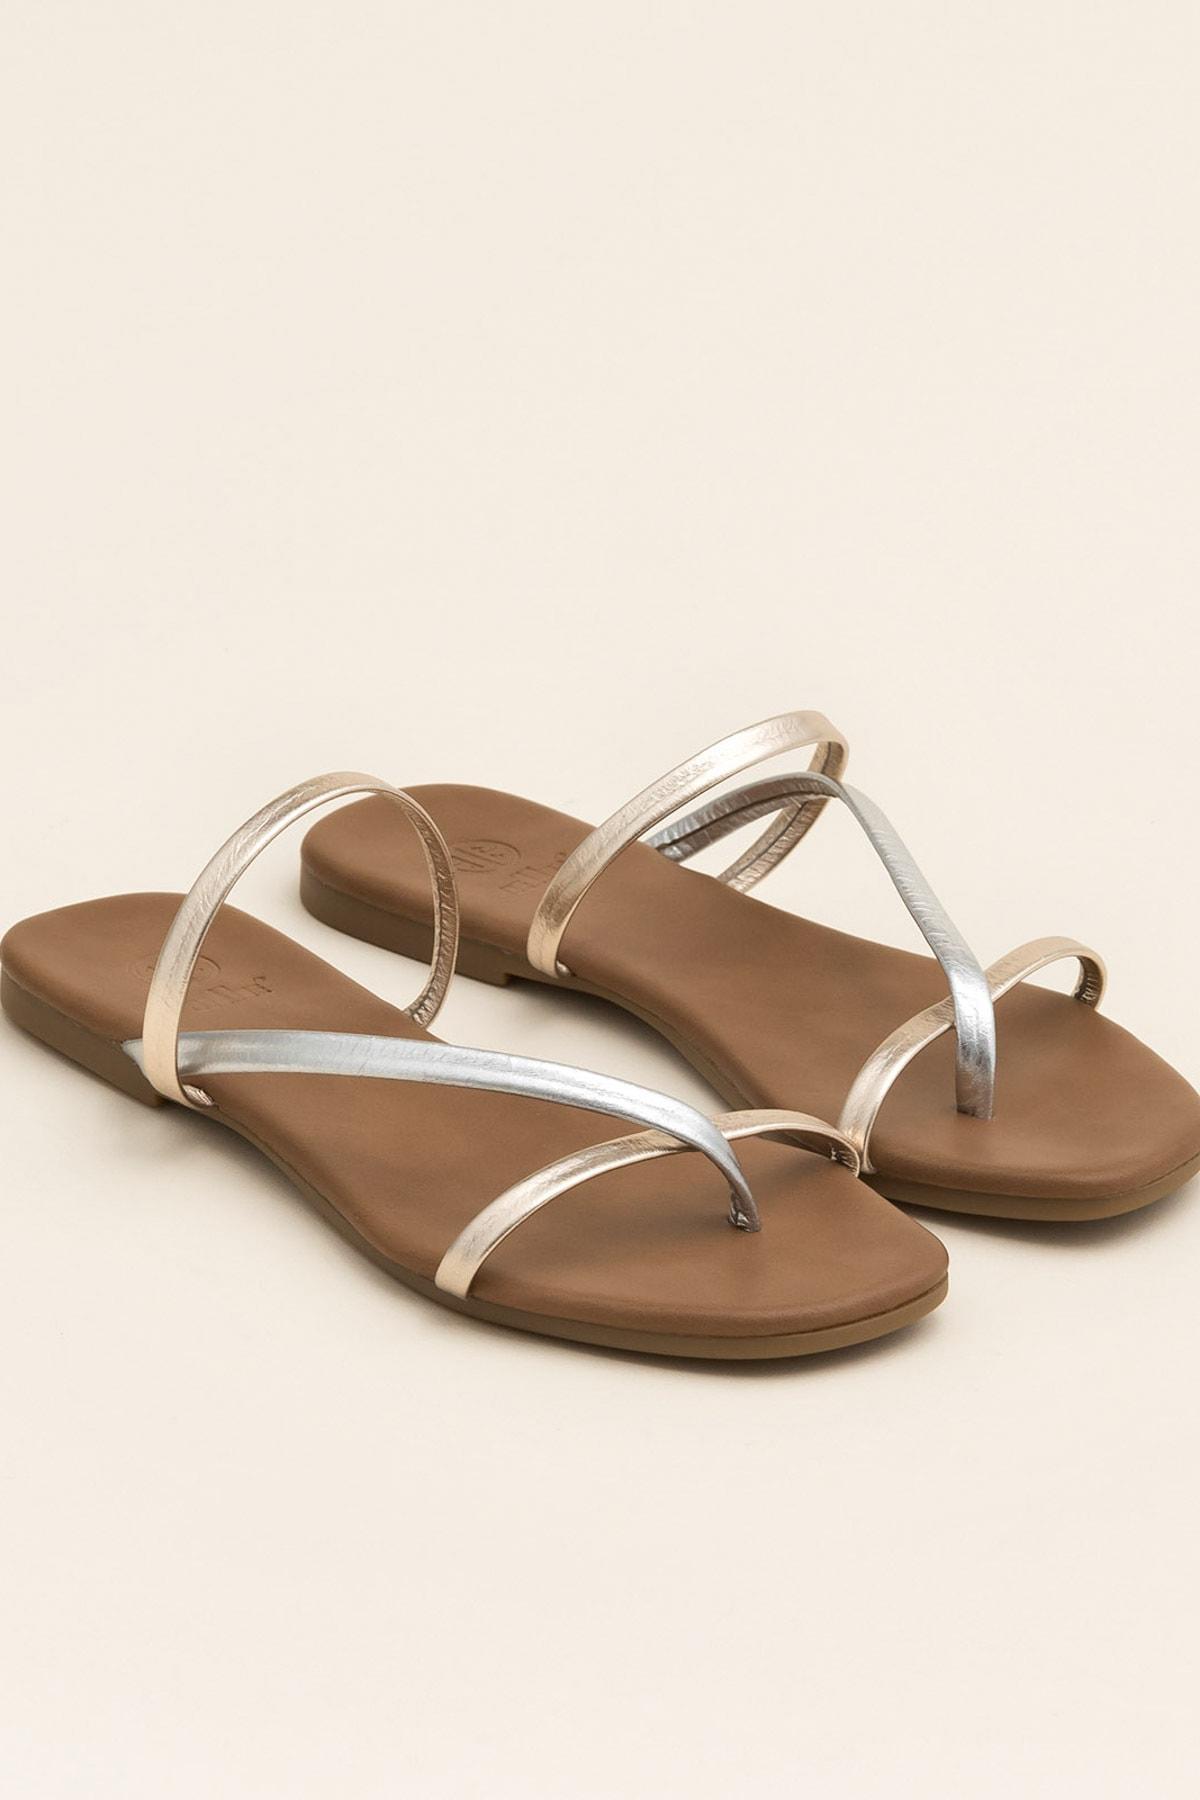 Elle Shoes KELLEY Metalık Multi Kadın  20YLT476004 2